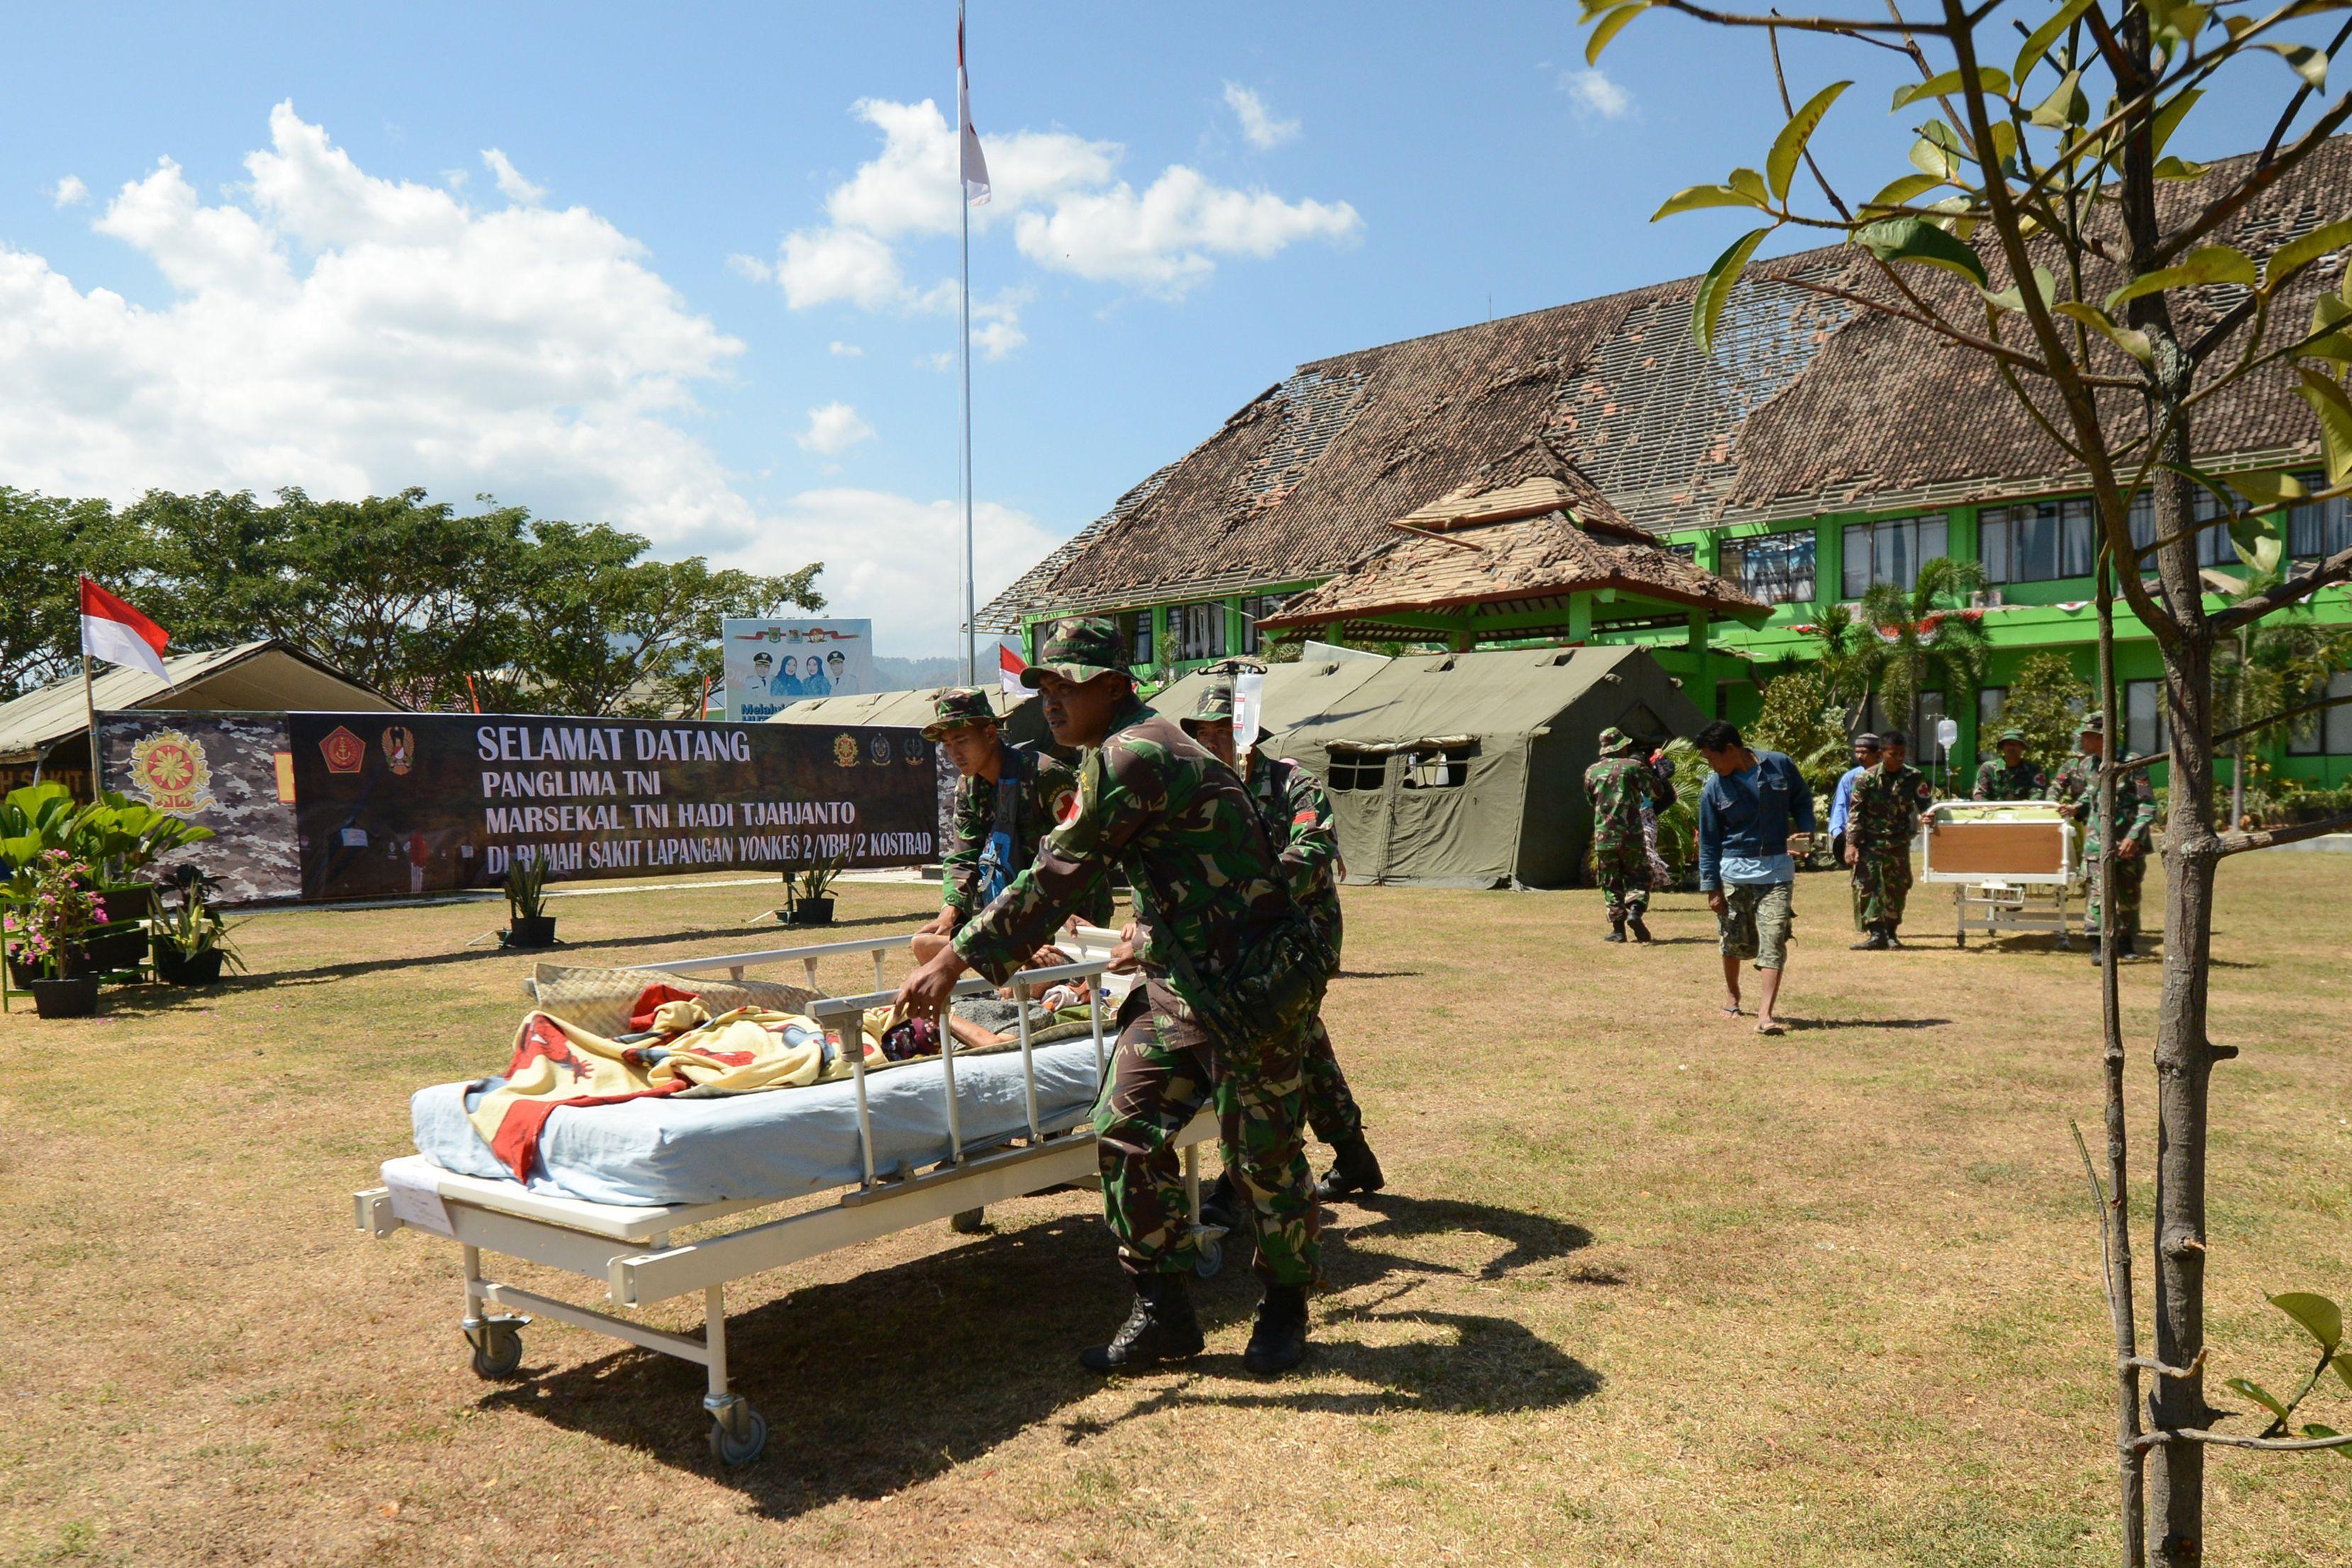 نقل أحد المصابين إلى الخيام المخصصة للعلاج